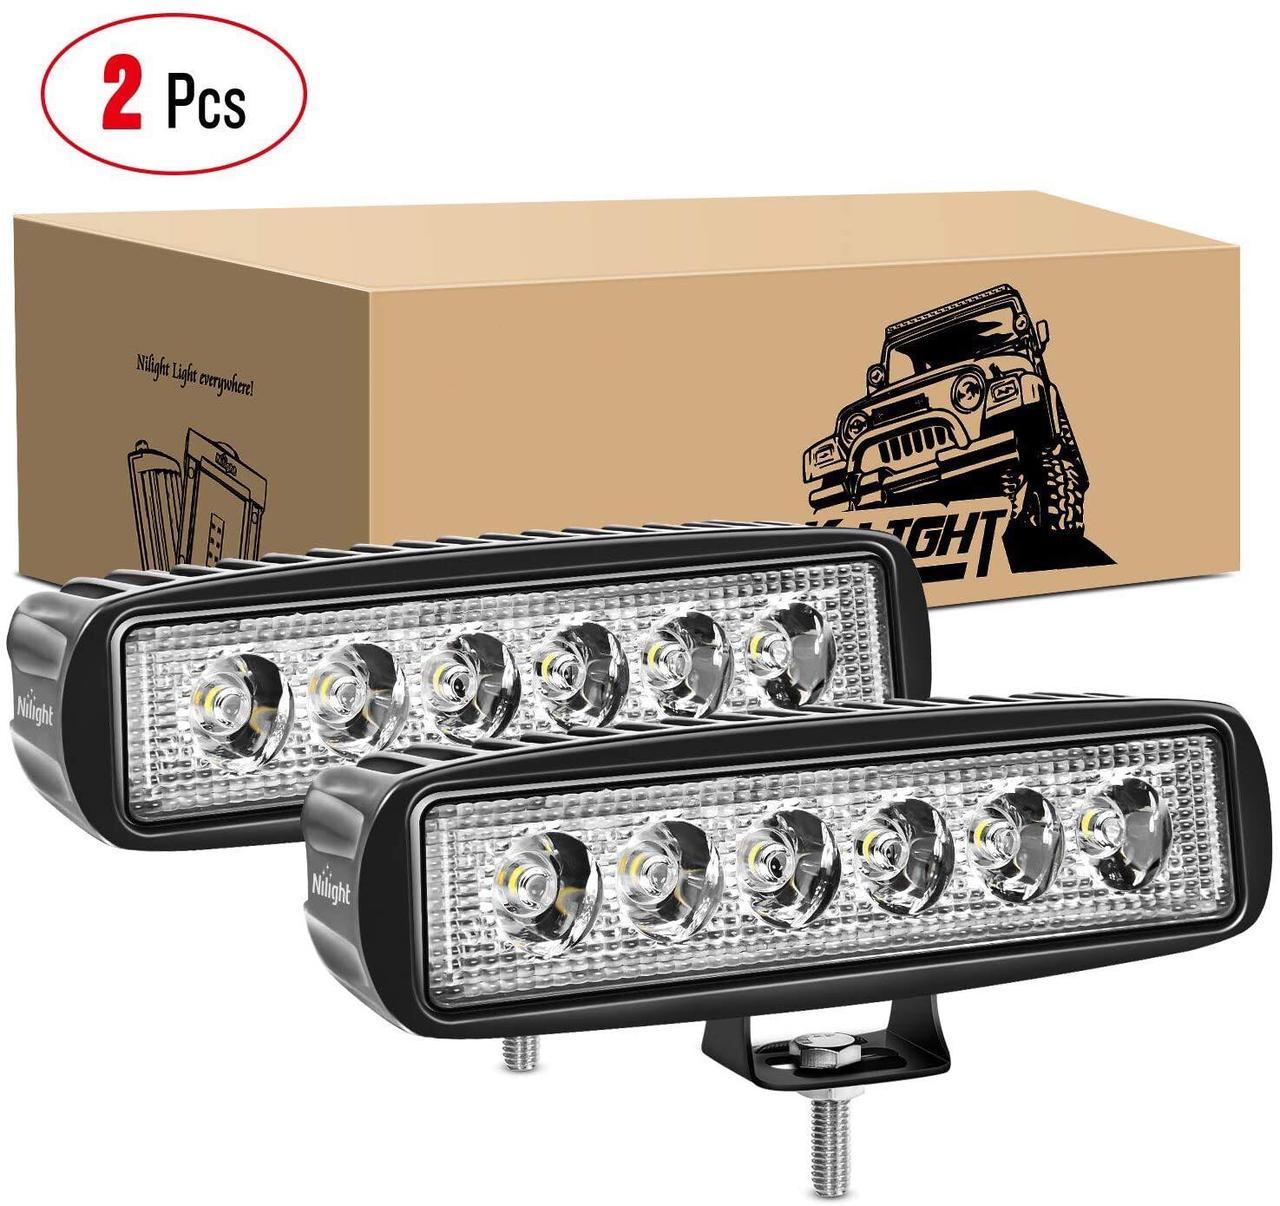 Светодиодные рабочие фары 2шт 18w Spot Driving Fog Light Off Road Lights фары дальнего света Led Light Bar